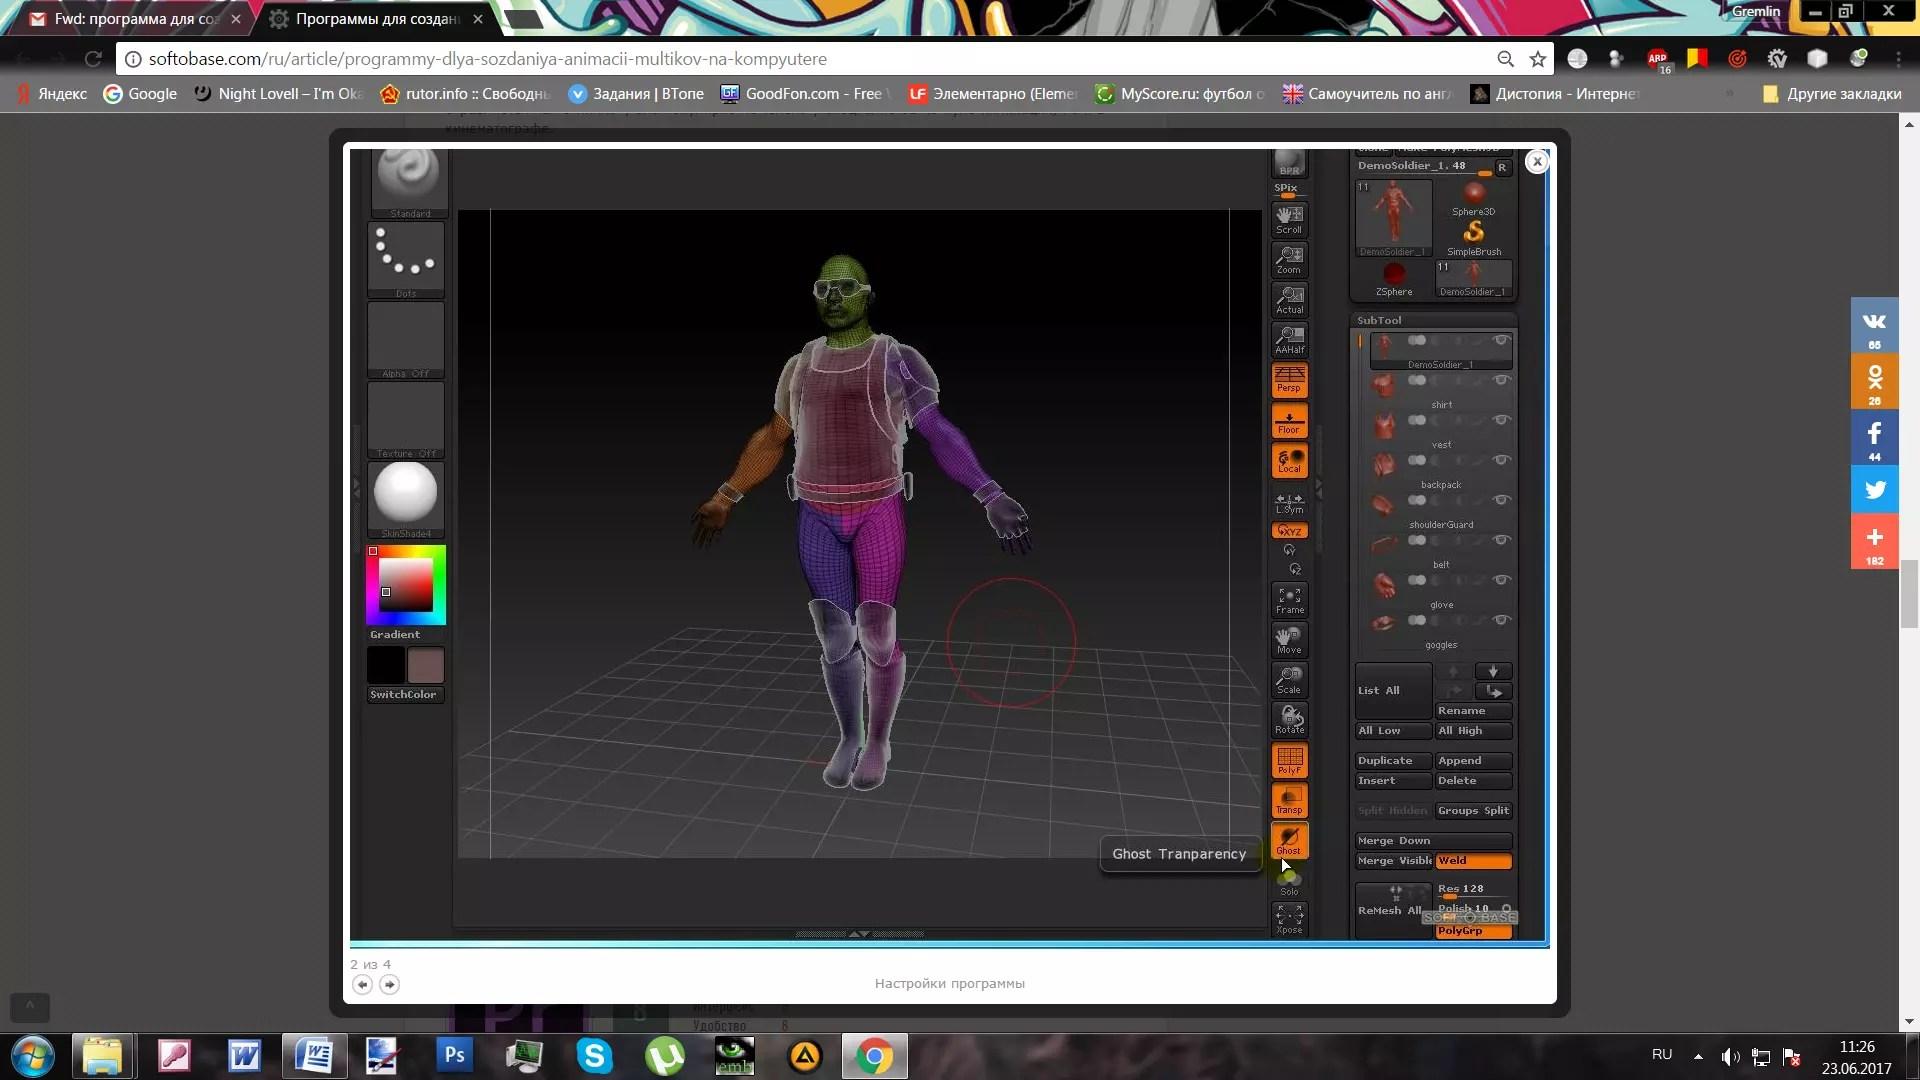 Программа для анимации картинки под музыку